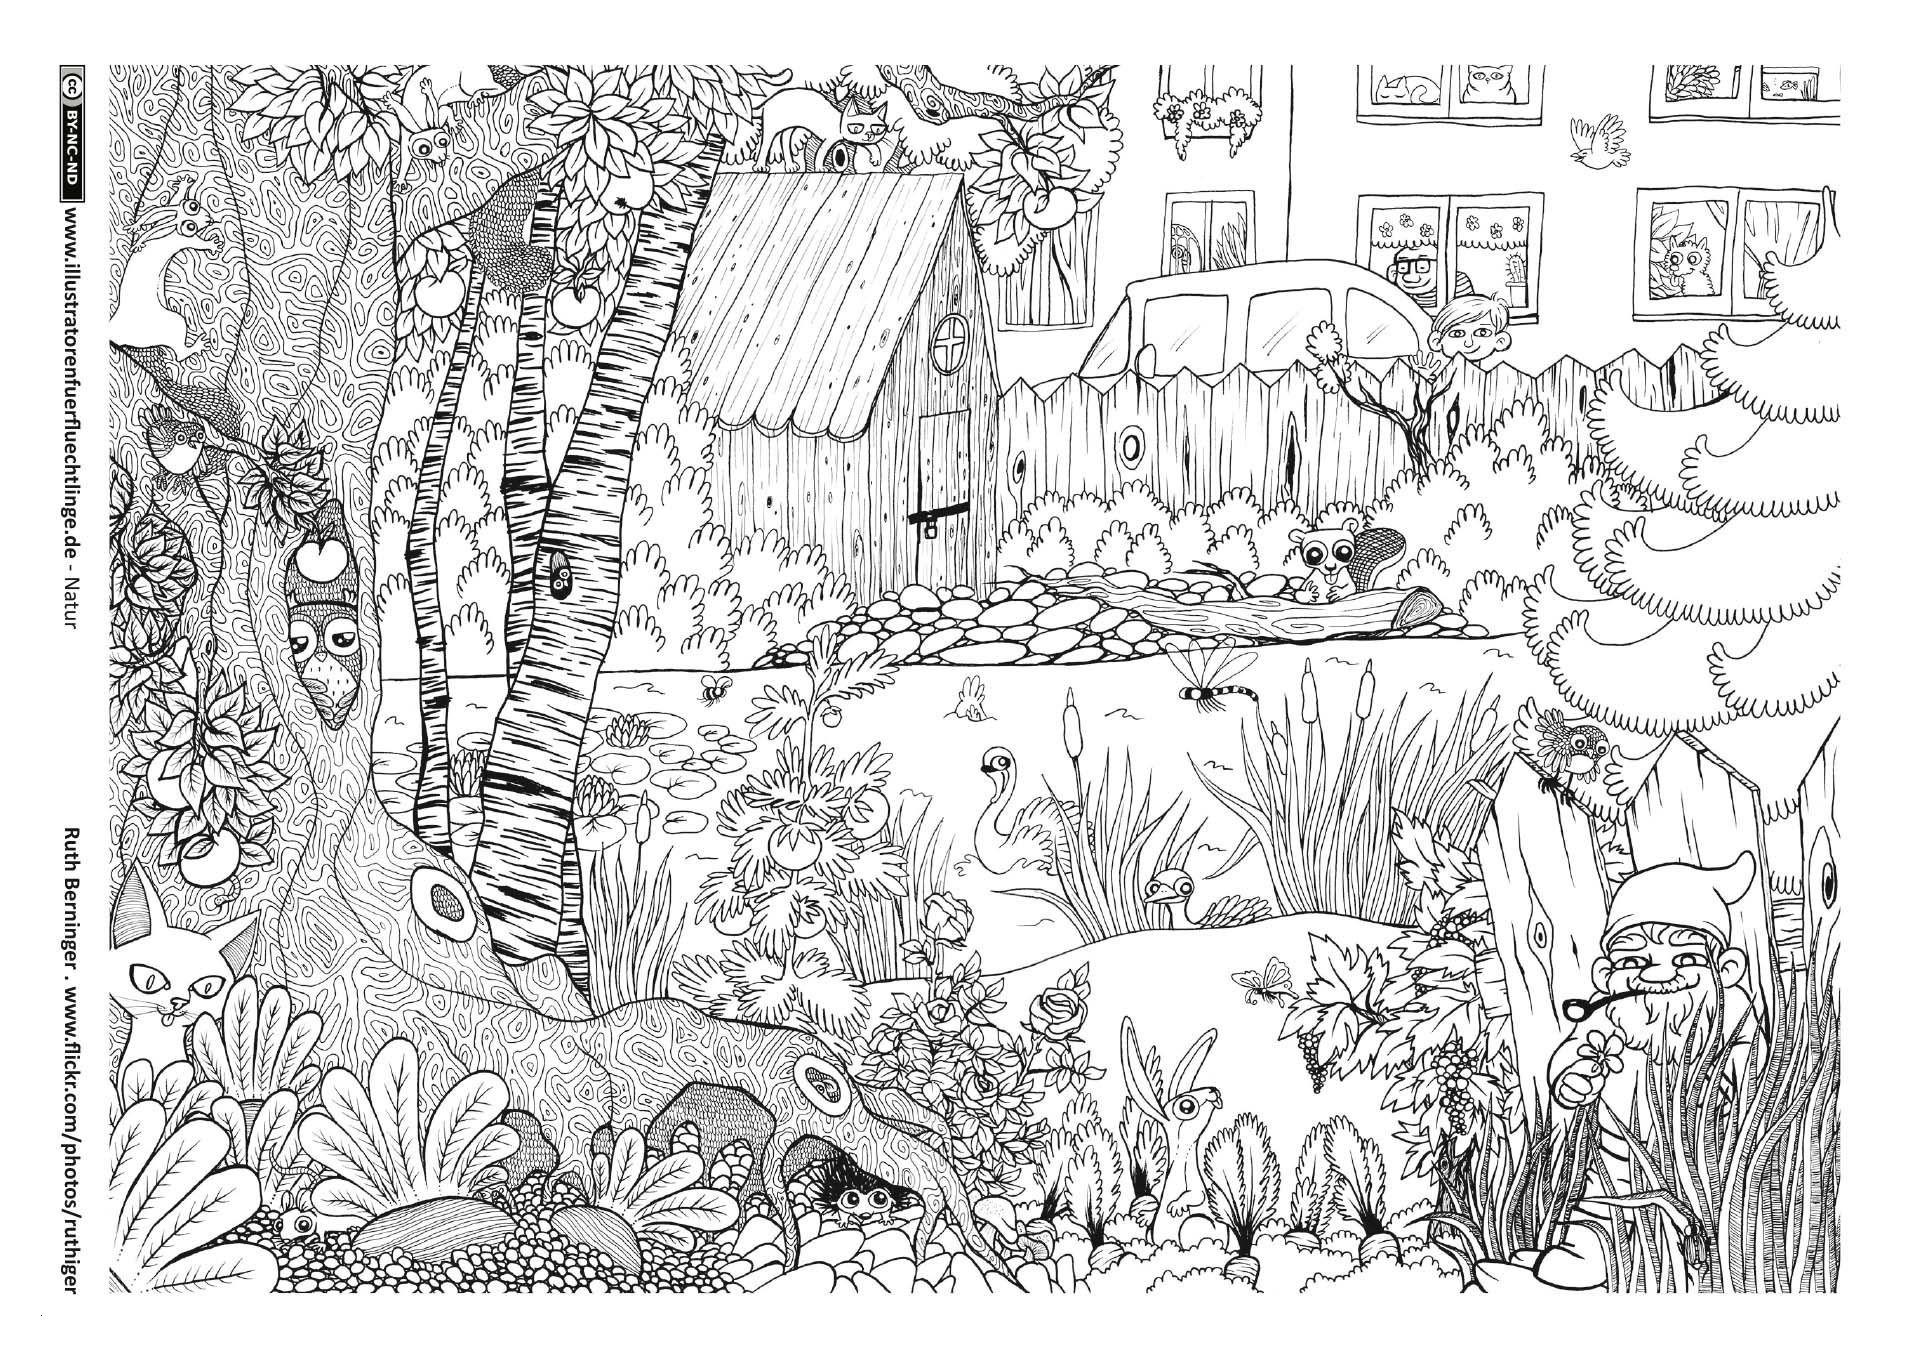 Die Kleine Raupe Nimmersatt Ausmalbild Neu Ausmalbilder Haus Mit Garten Uploadertalk Schön Ausmalbilder Haus Das Bild